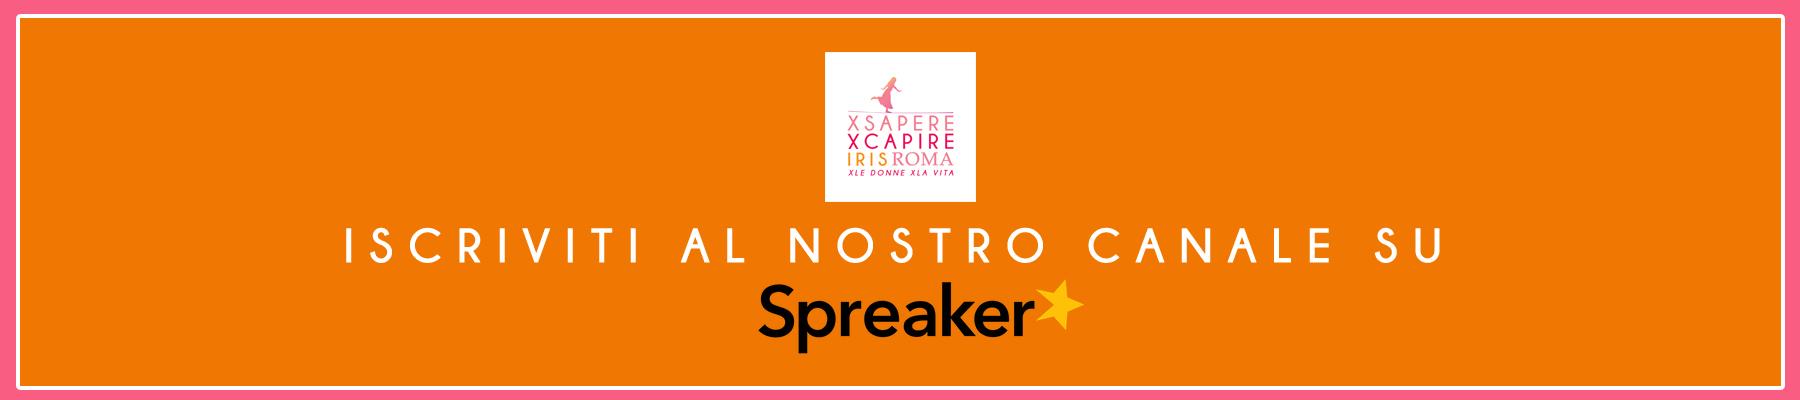 SPREAKER XSAPERE X CAPIRE IRIS ROMA PODCAST